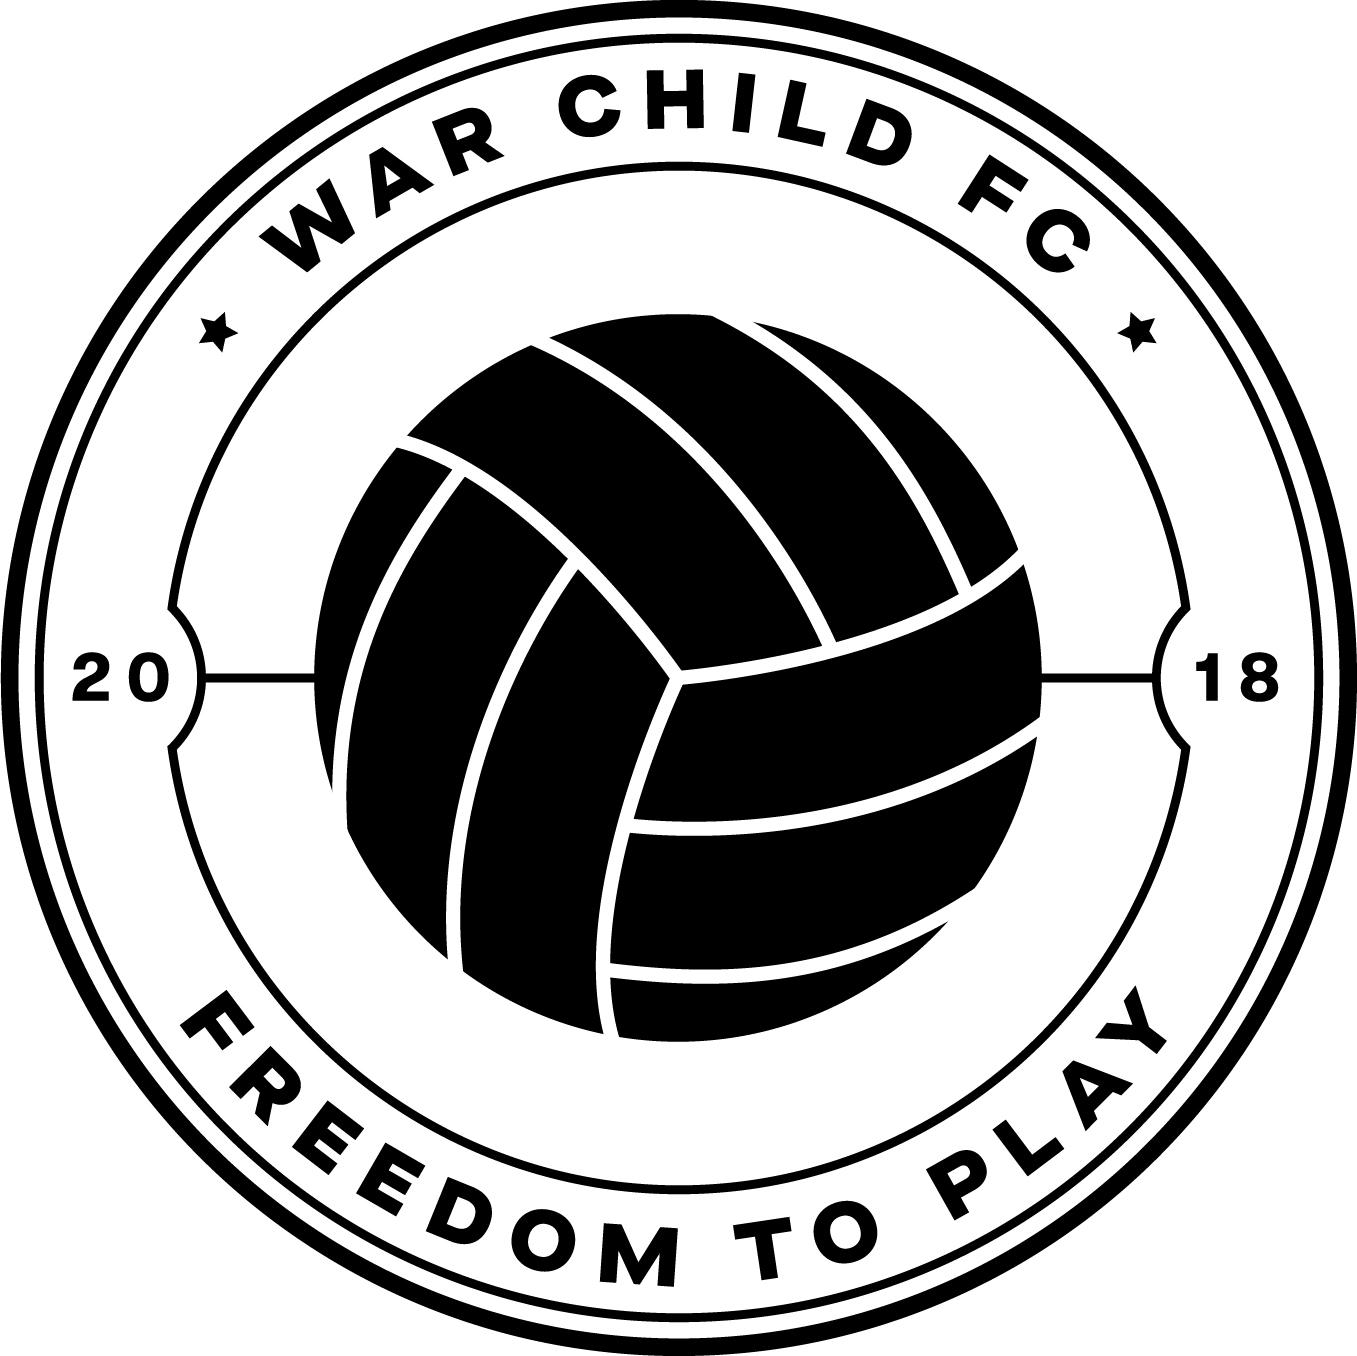 Wcfc logo rgb original